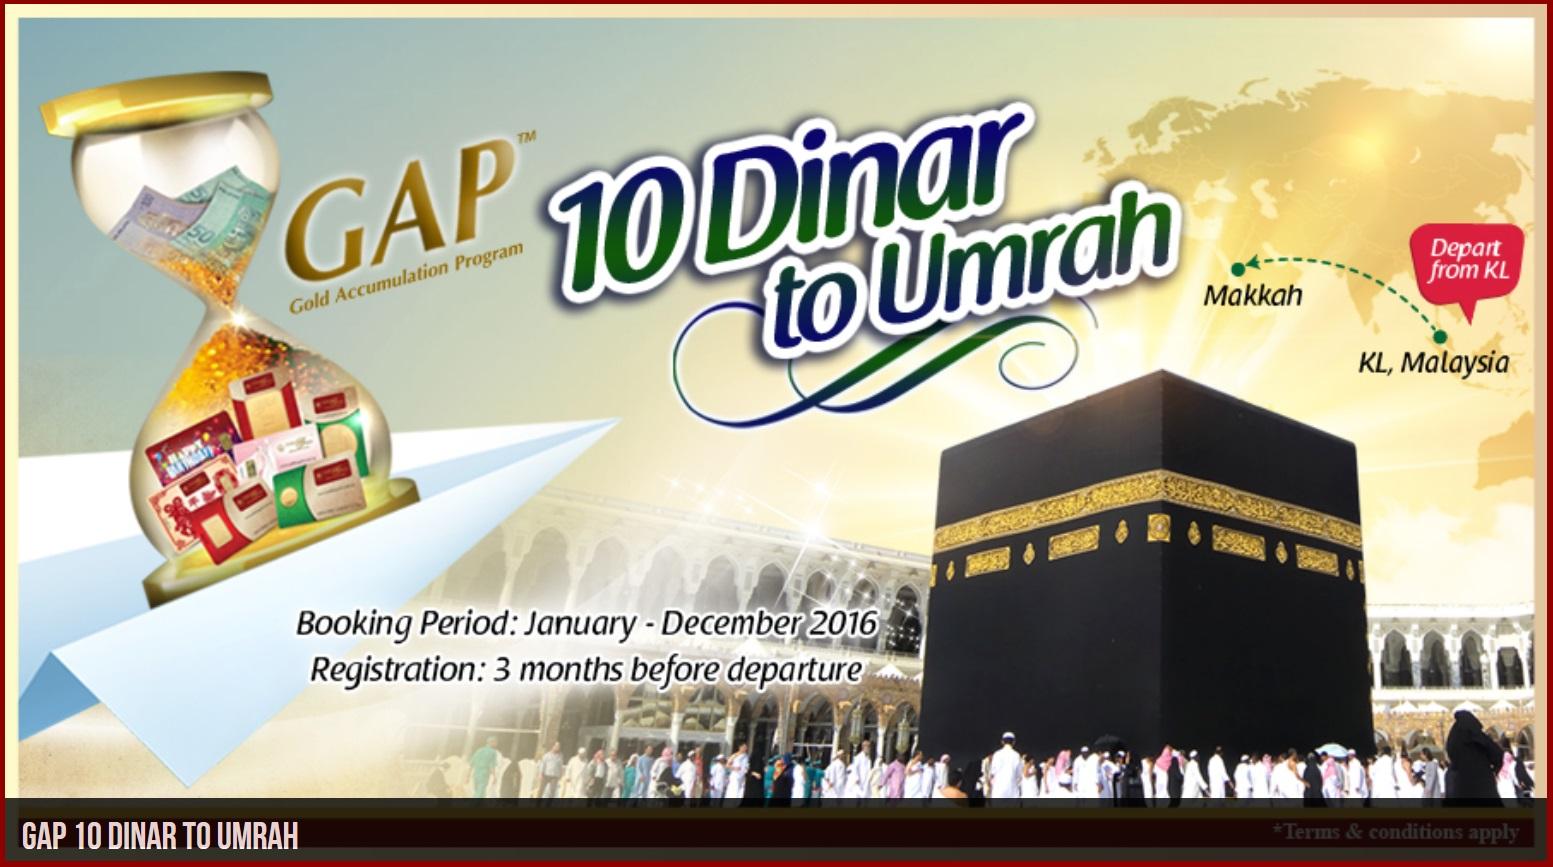 03 10 Dinar To Umrah